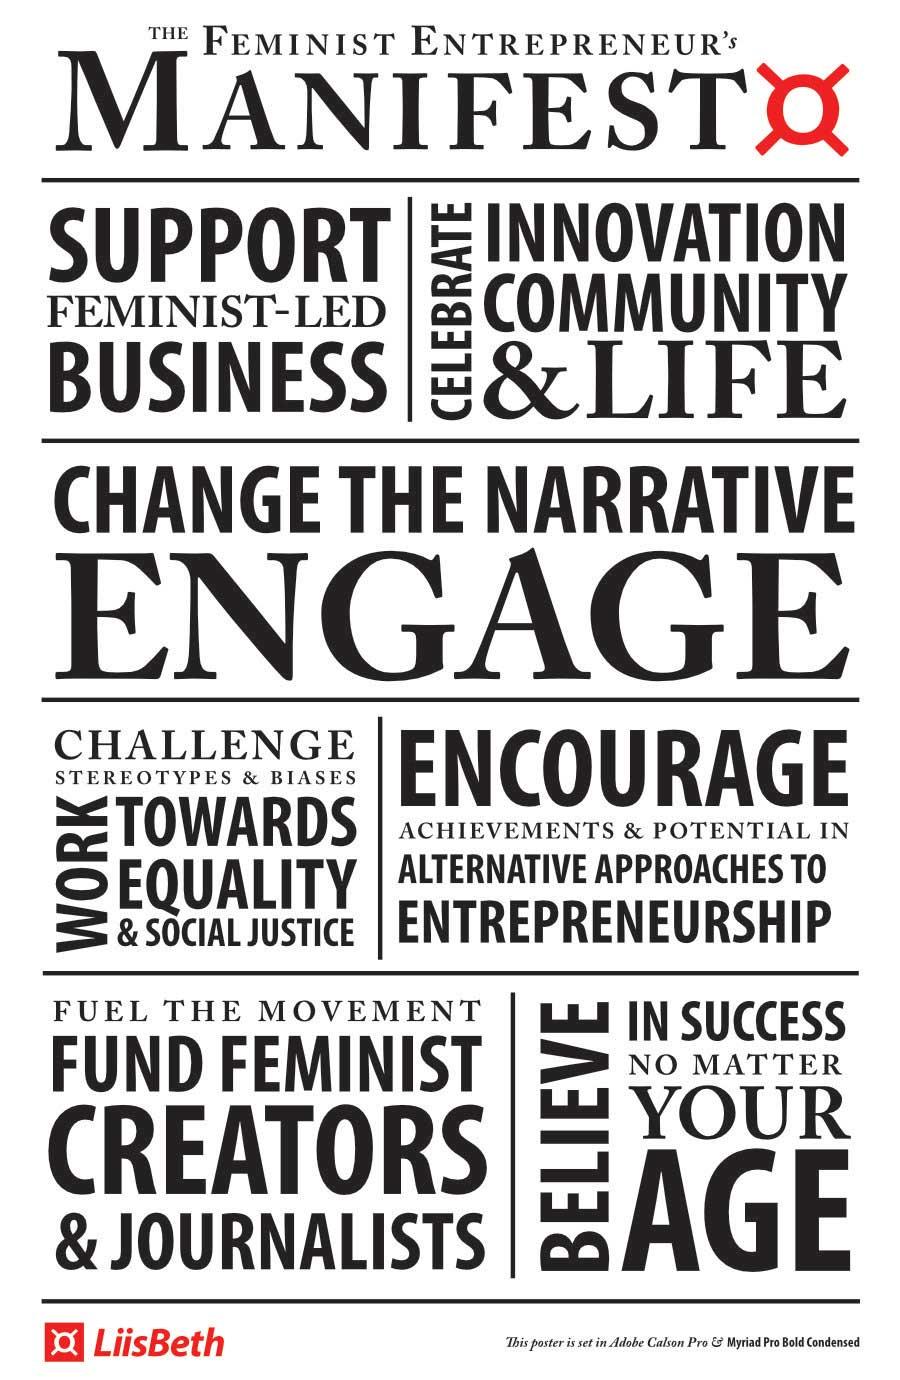 Femininst-Entrepreneur-Manifesto-LiisBeth